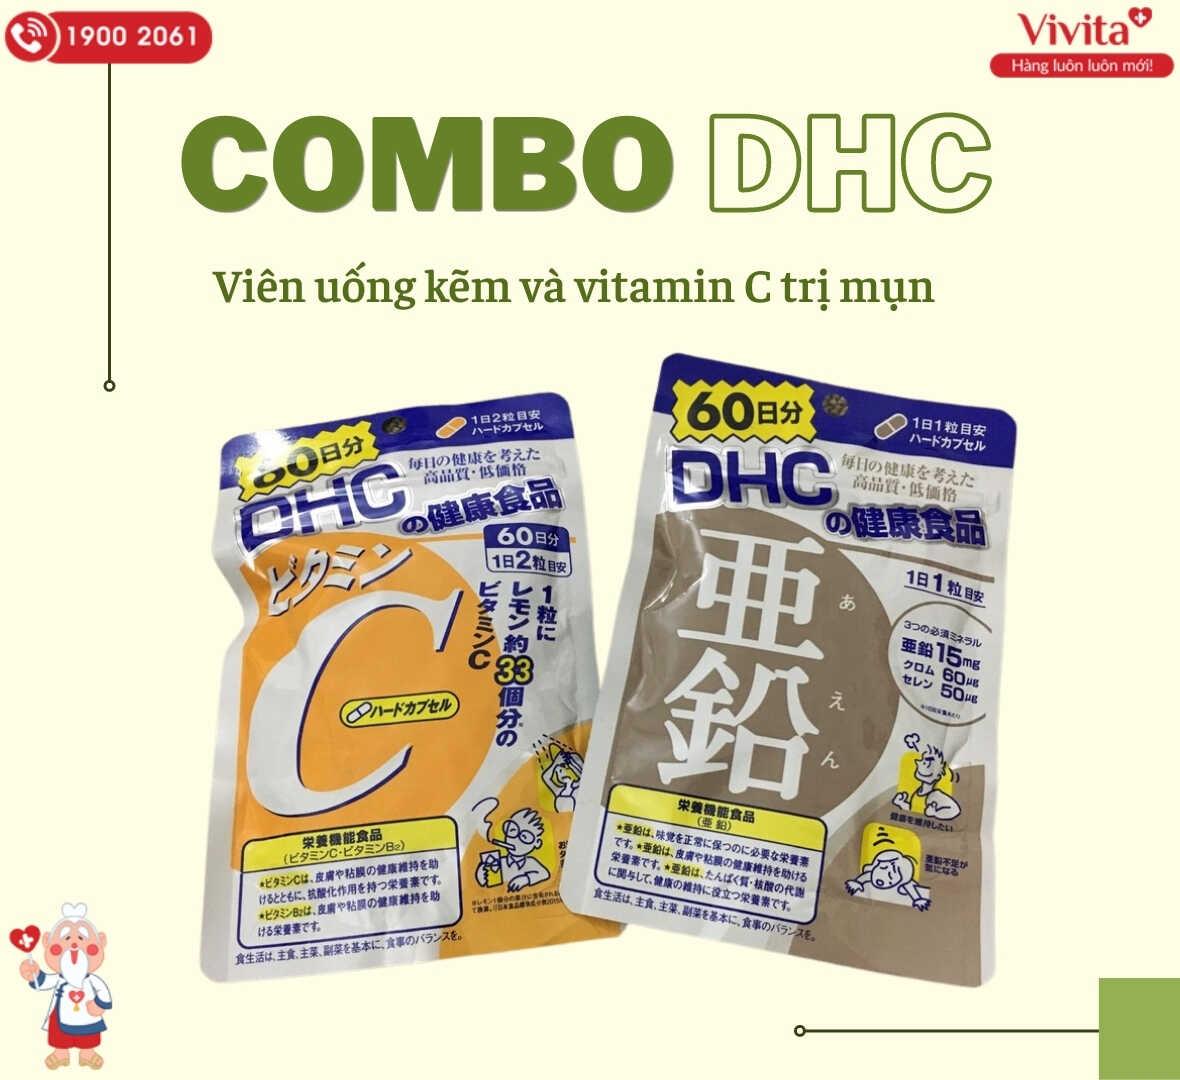 Kiên trì sử dụng combo viên uống kẽm và vitamin C để có hiệu quả tốt nhất cho da.